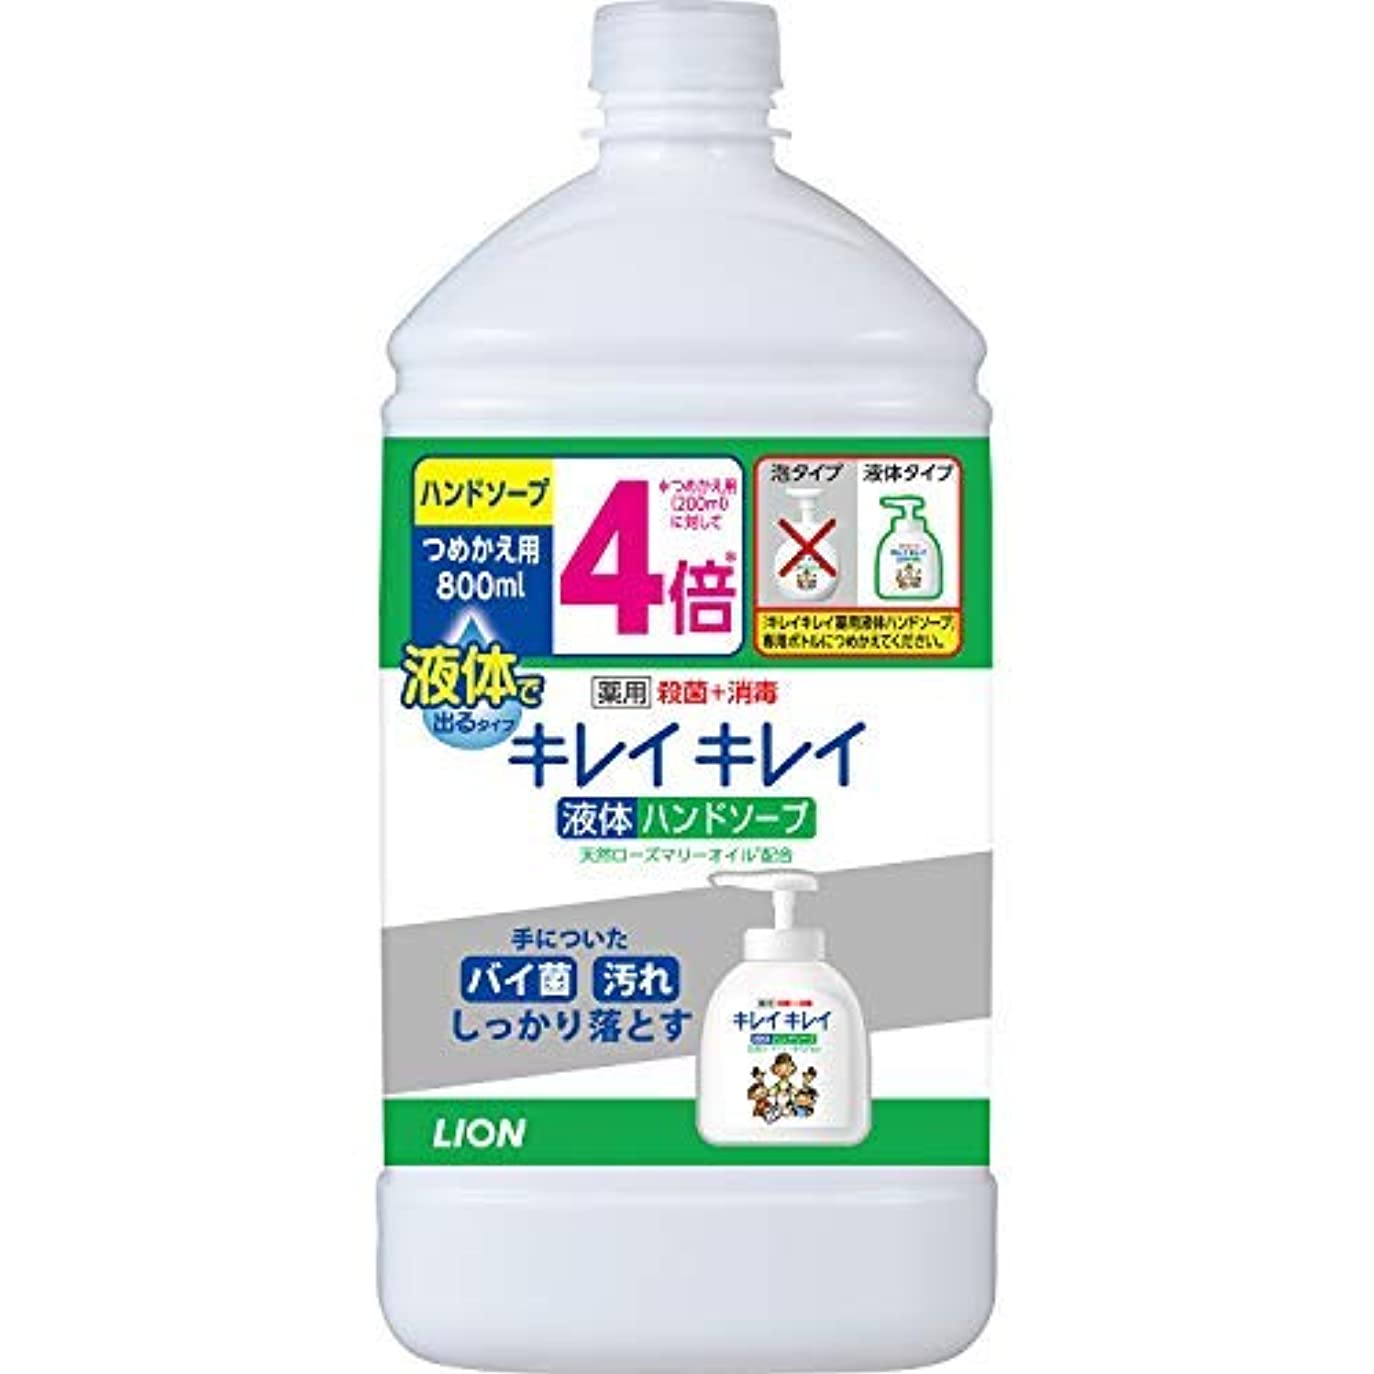 特権人に関する限り期限切れキレイキレイ 薬用液体ハンドソープ つめかえ用特大サイズシトラスフルーテイ × 10個セット